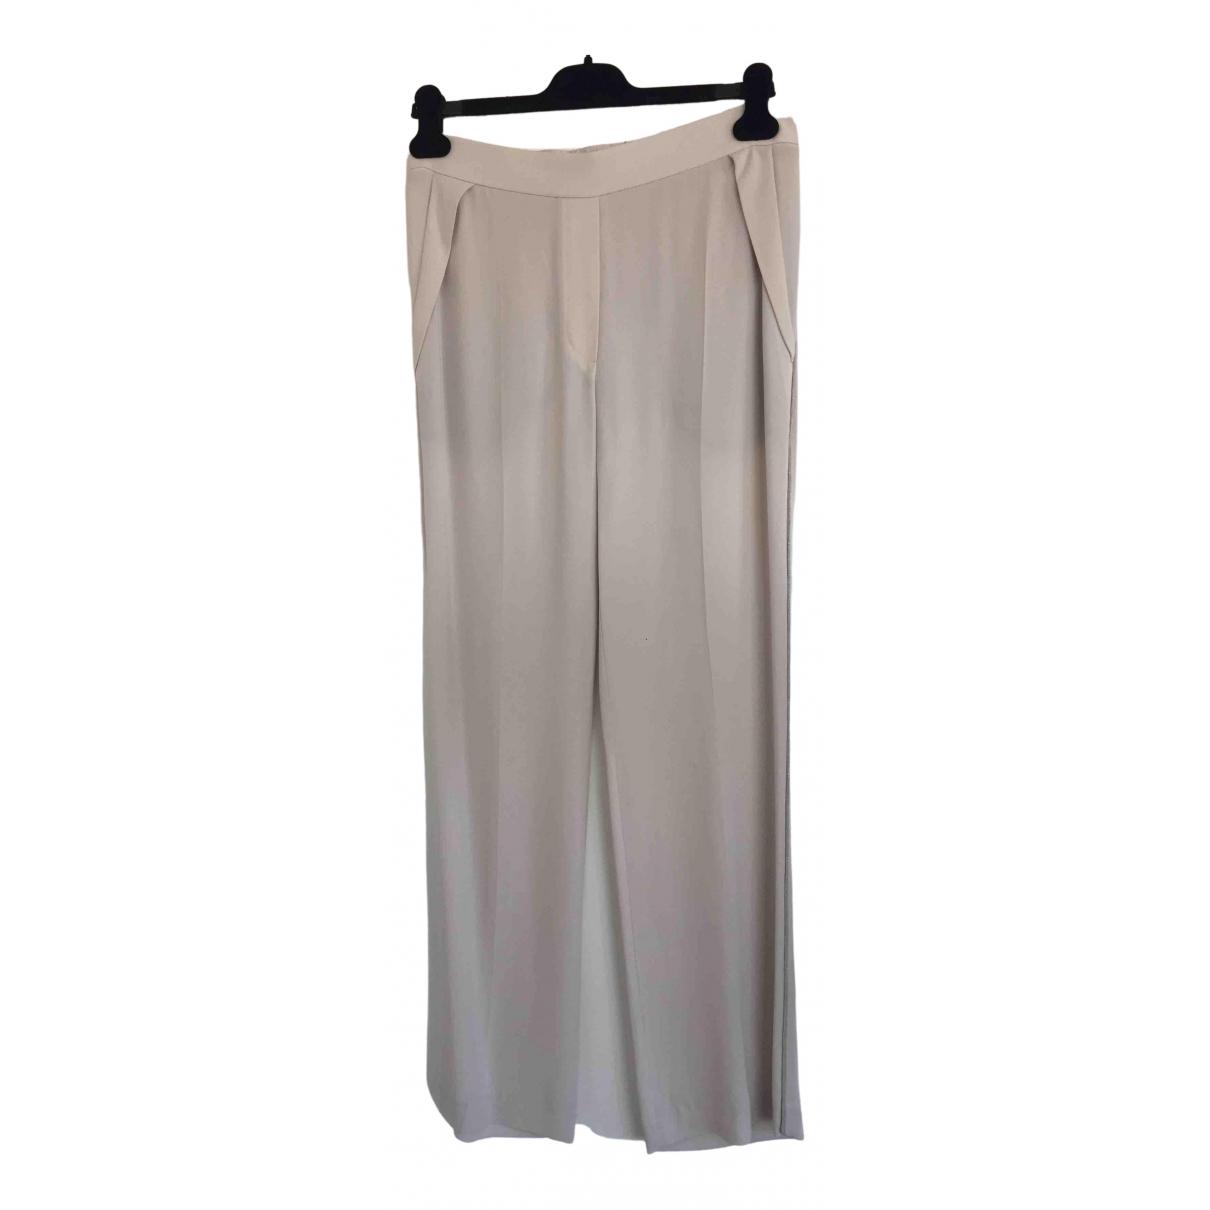 Pantalon recto de Seda Brunello Cucinelli